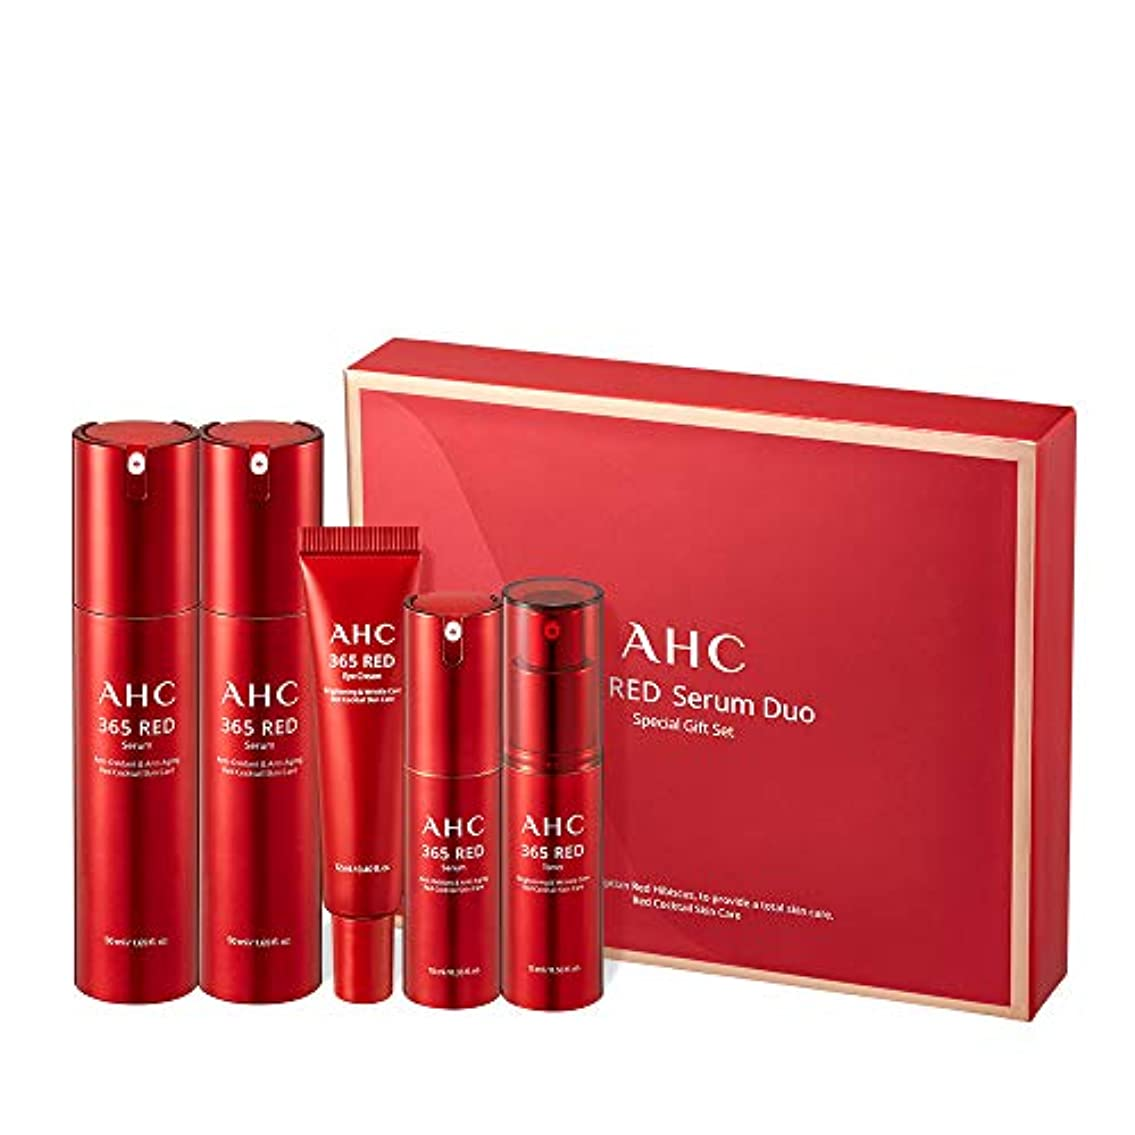 ブル船尾長さAHC 365 Red Serum Duo Special Gift Set レッド血清デュオスペシャルセット Anti-Aging Total Care 韓国化粧品 Korean Beauty Set